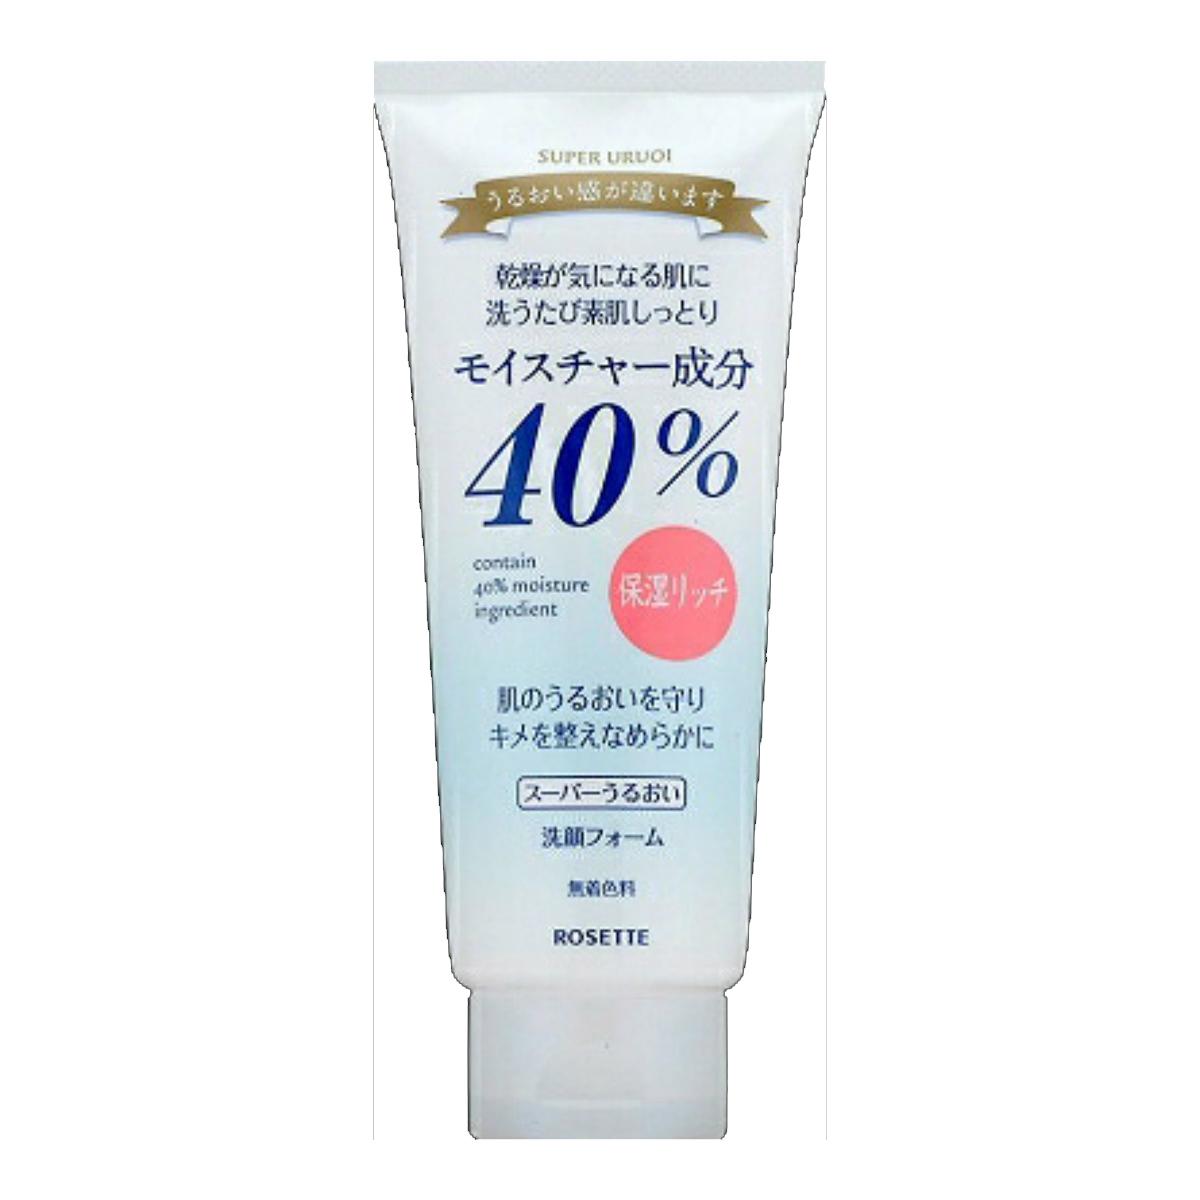 【送料無料】ロゼット R40%スーパーうるおい洗顔フォーム168G×48点セット まとめ買い特価!ケース販売 ( 4901696506745 )